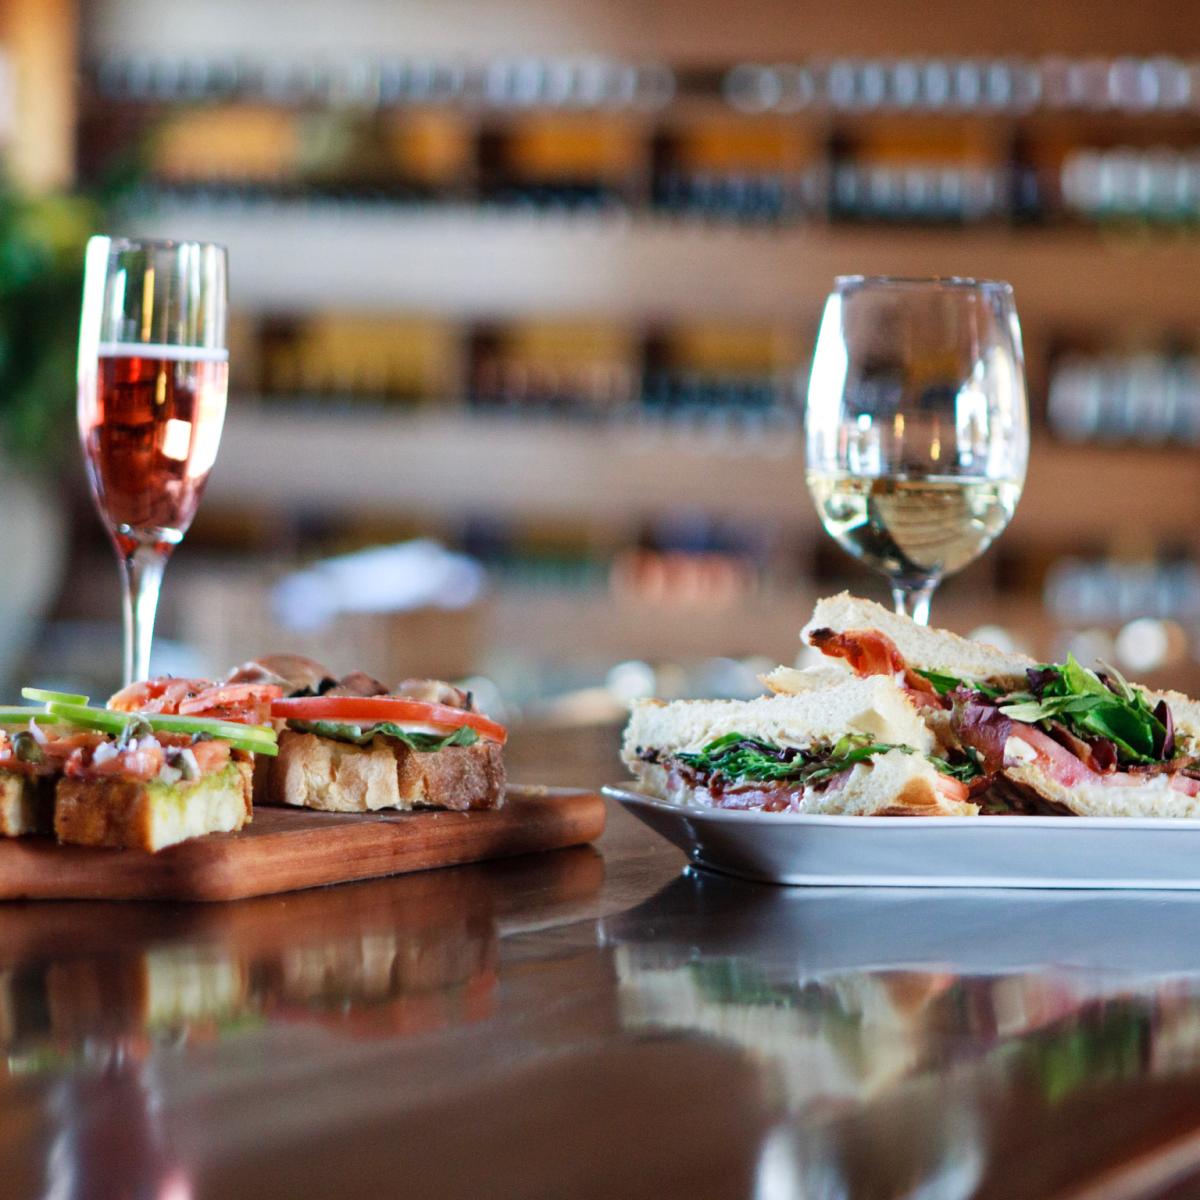 Postino wine and food